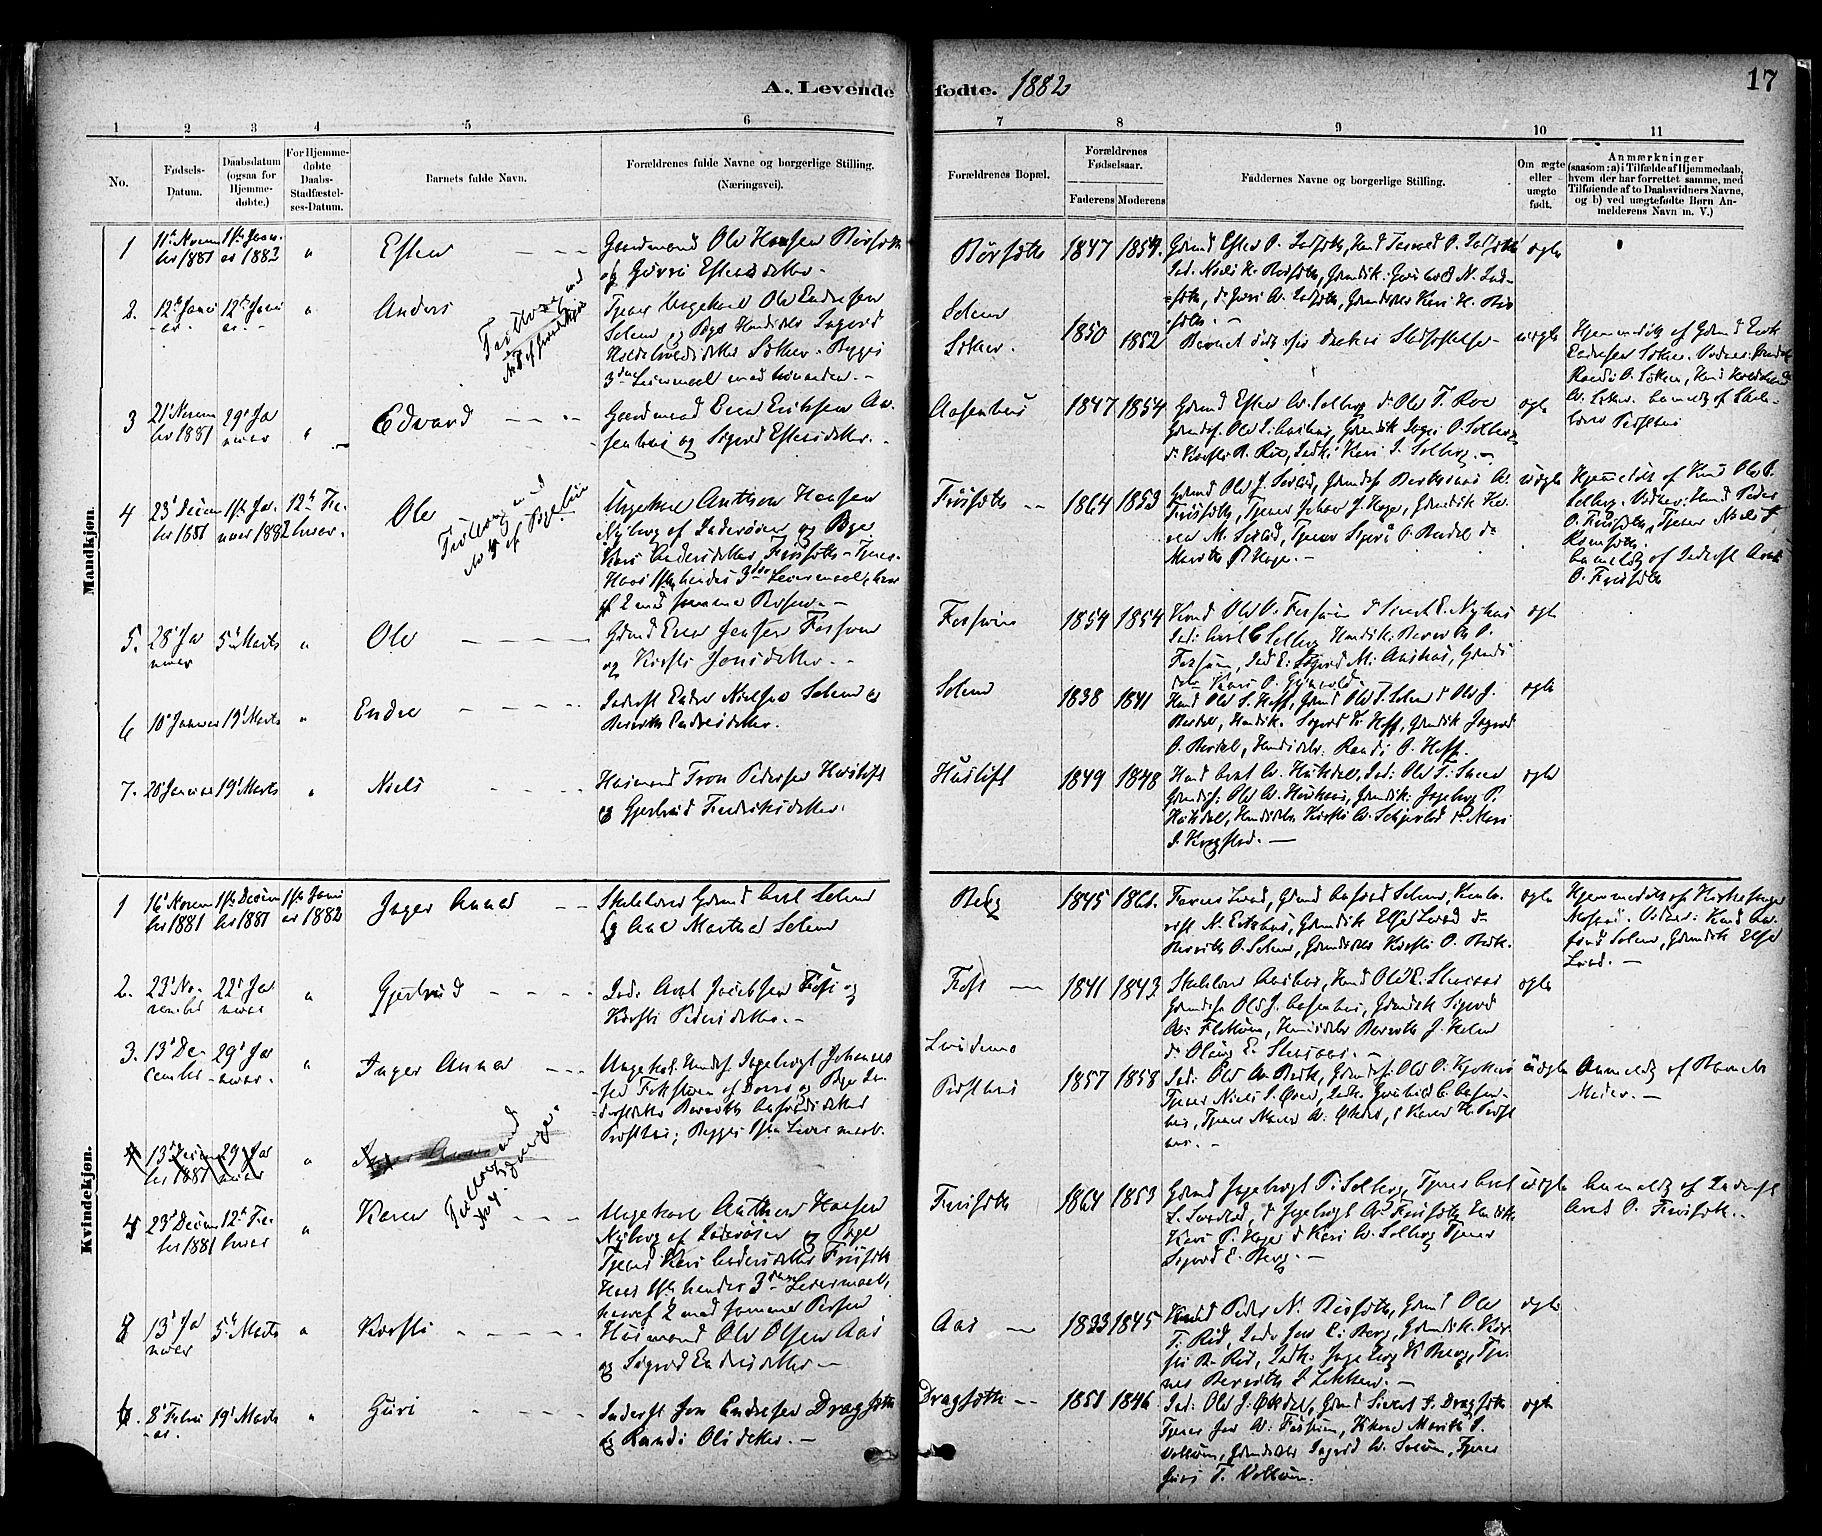 SAT, Ministerialprotokoller, klokkerbøker og fødselsregistre - Sør-Trøndelag, 689/L1040: Ministerialbok nr. 689A05, 1878-1890, s. 17